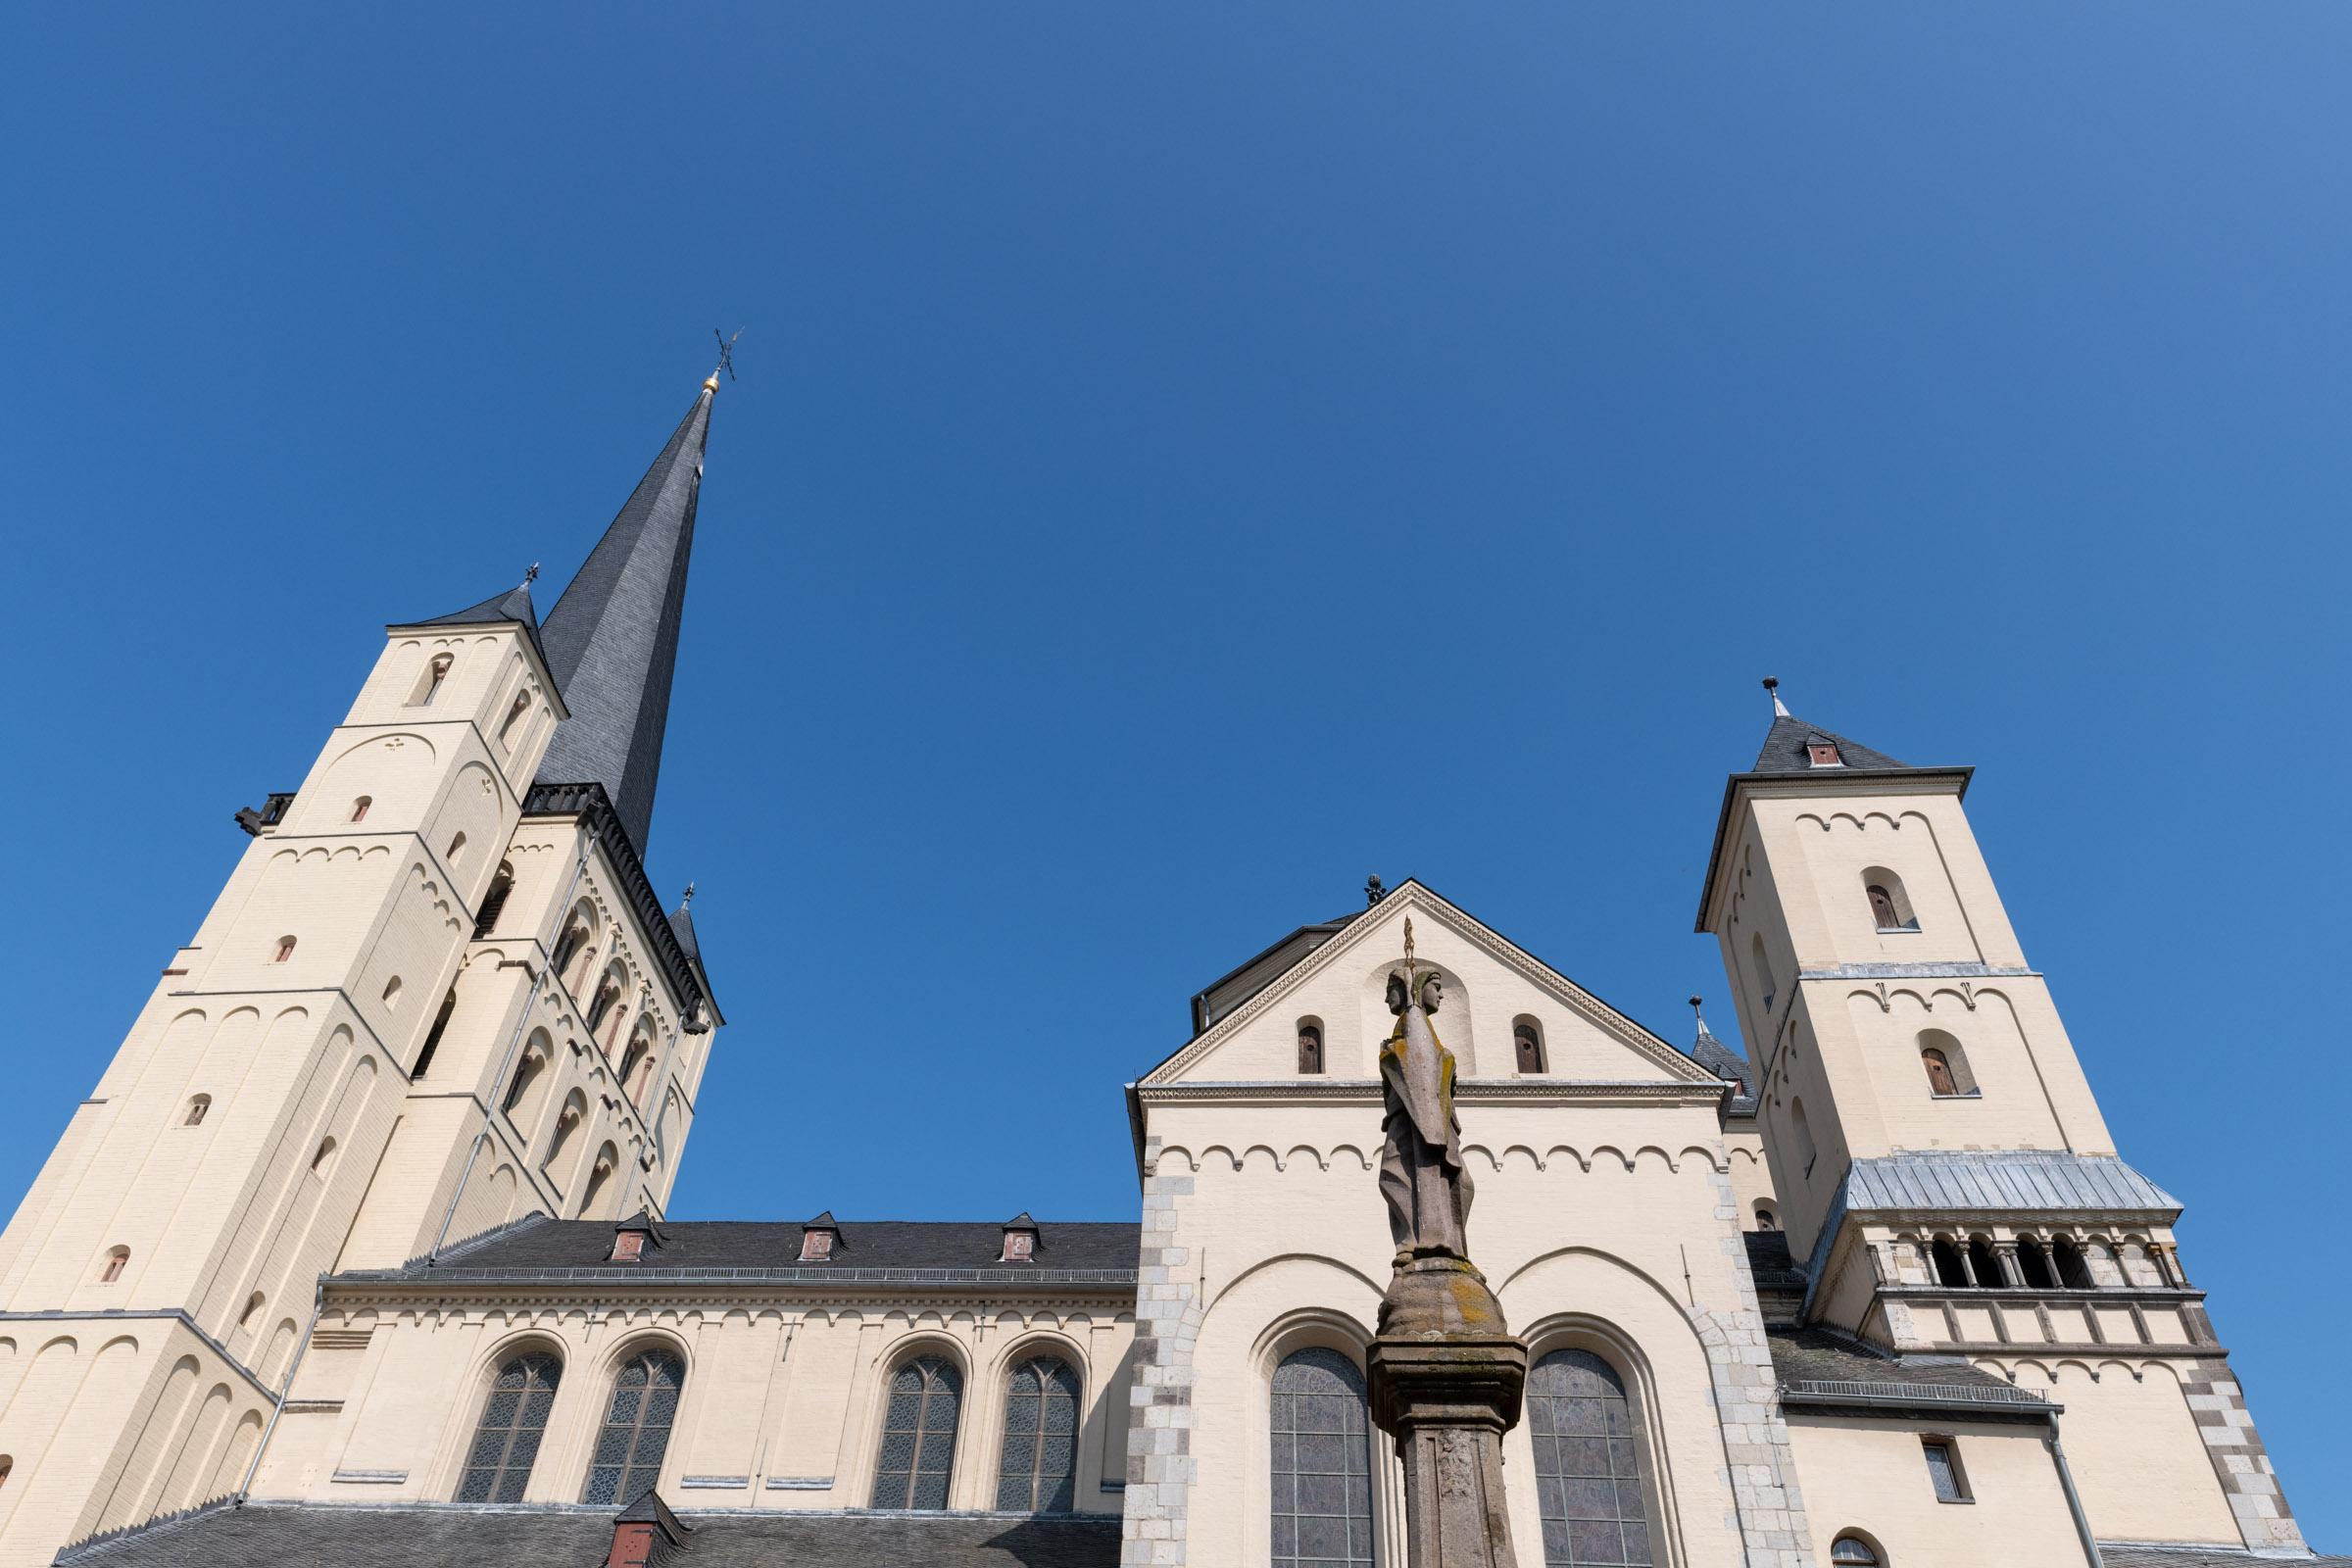 Abtei Brauweiler – Marienhof